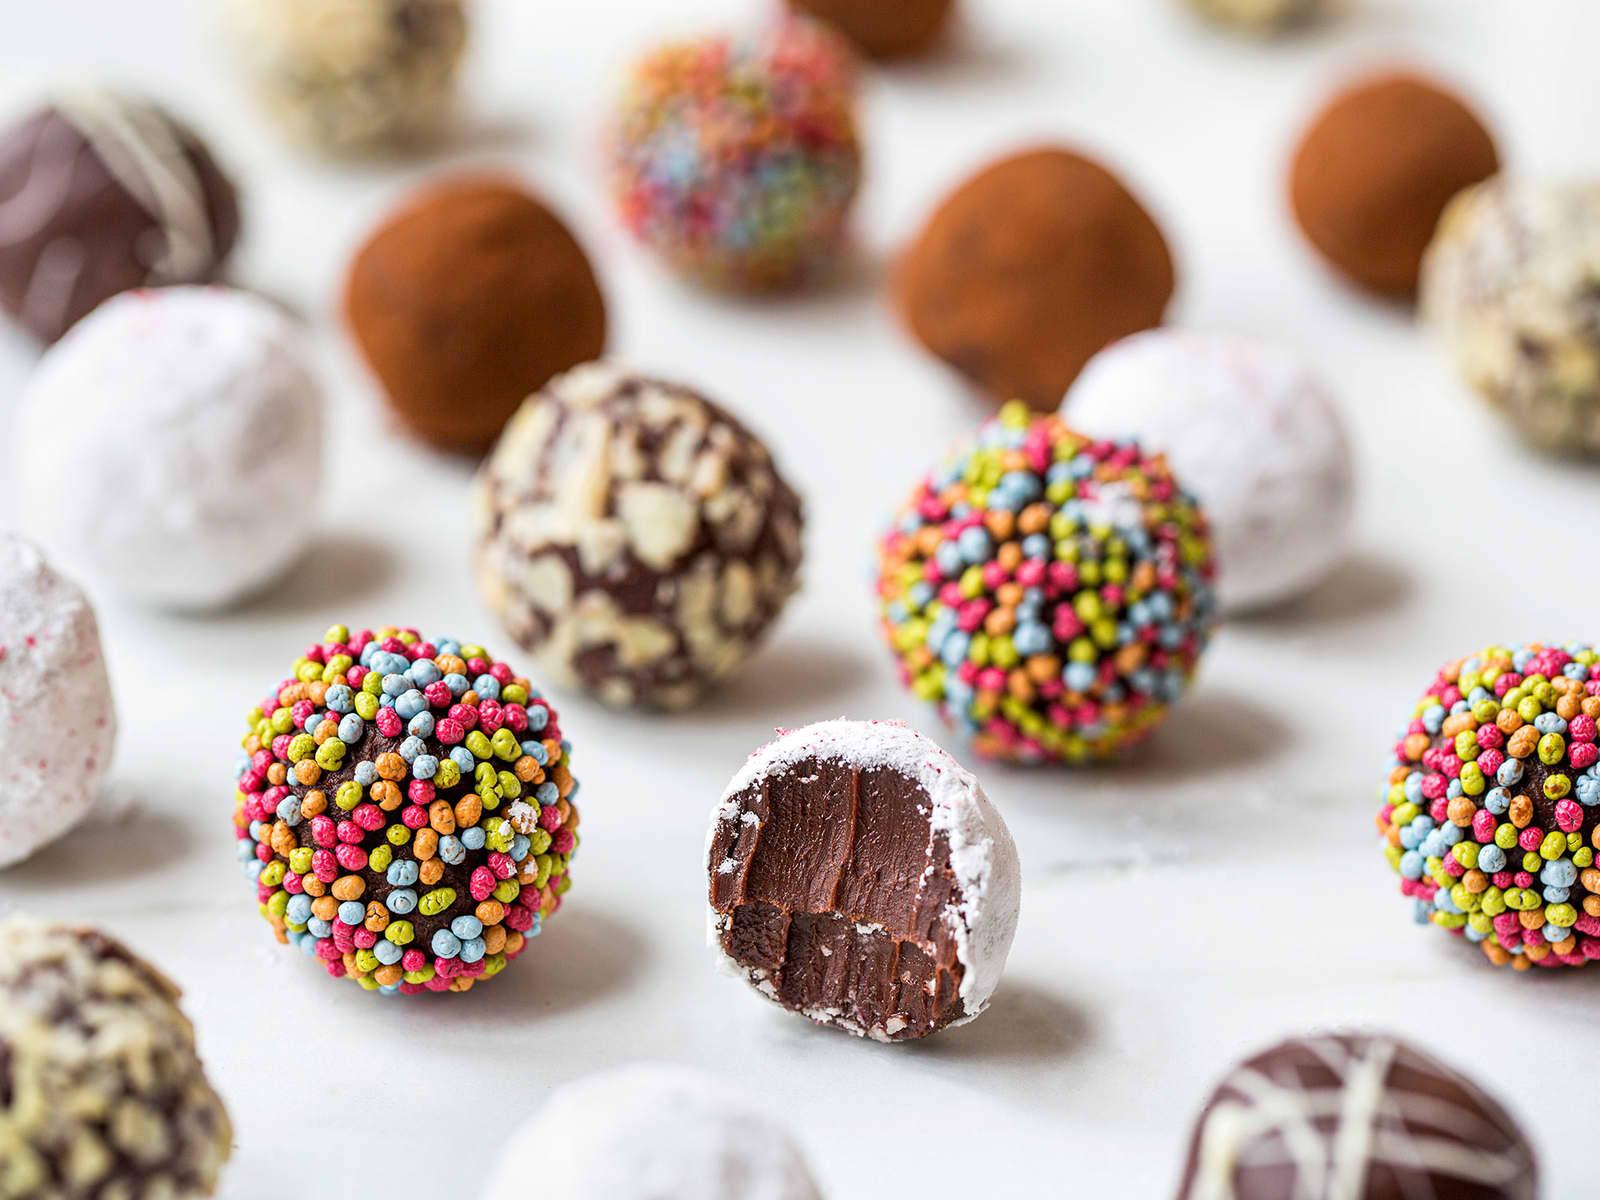 Hjemmelagde sjokoladetrøfler